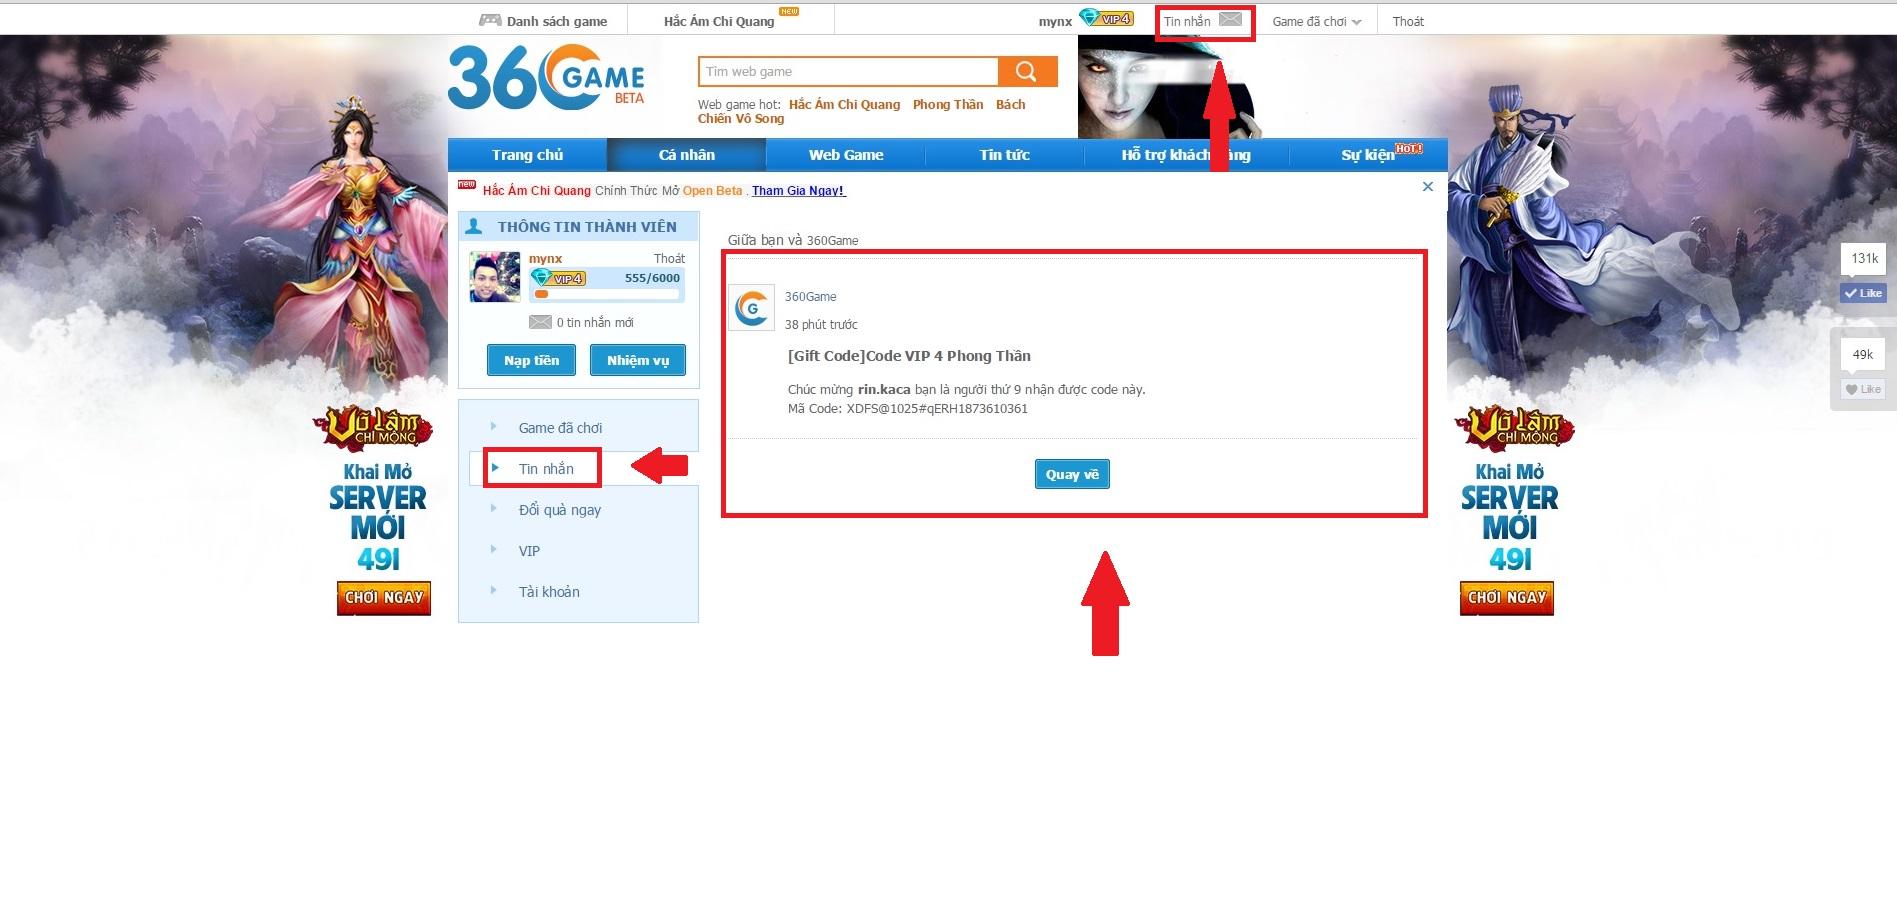 Bước 2: mở hộp tin nhắn 360Game để nhận mã code ( http://360game.vn/user/tin-nhan/  )